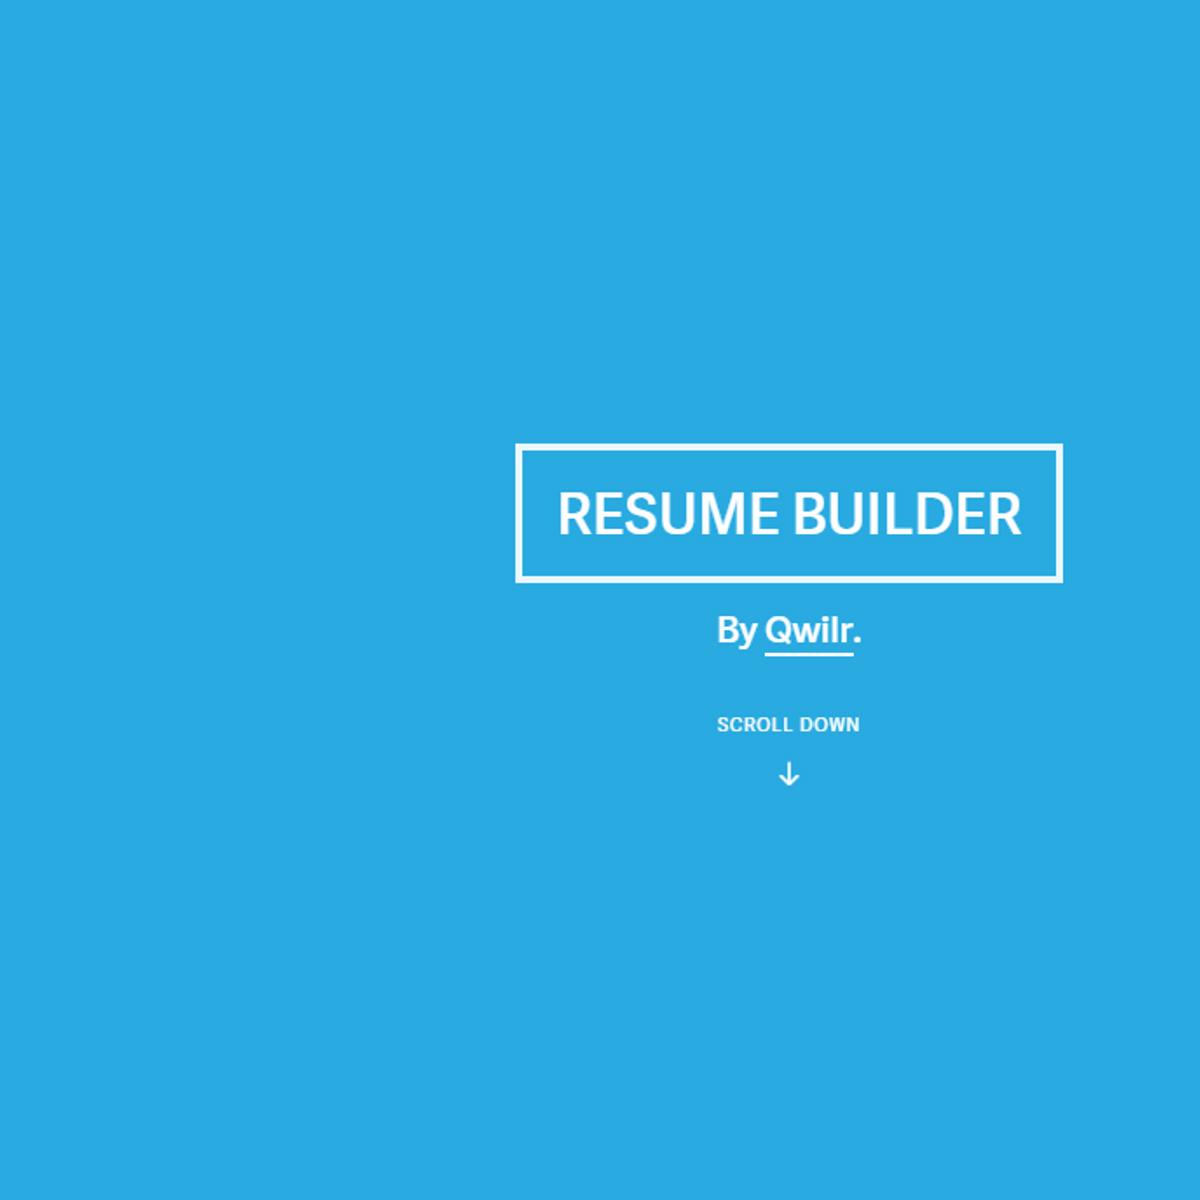 Resumator Alternatives and Similar Websites and Apps - AlternativeTo.net